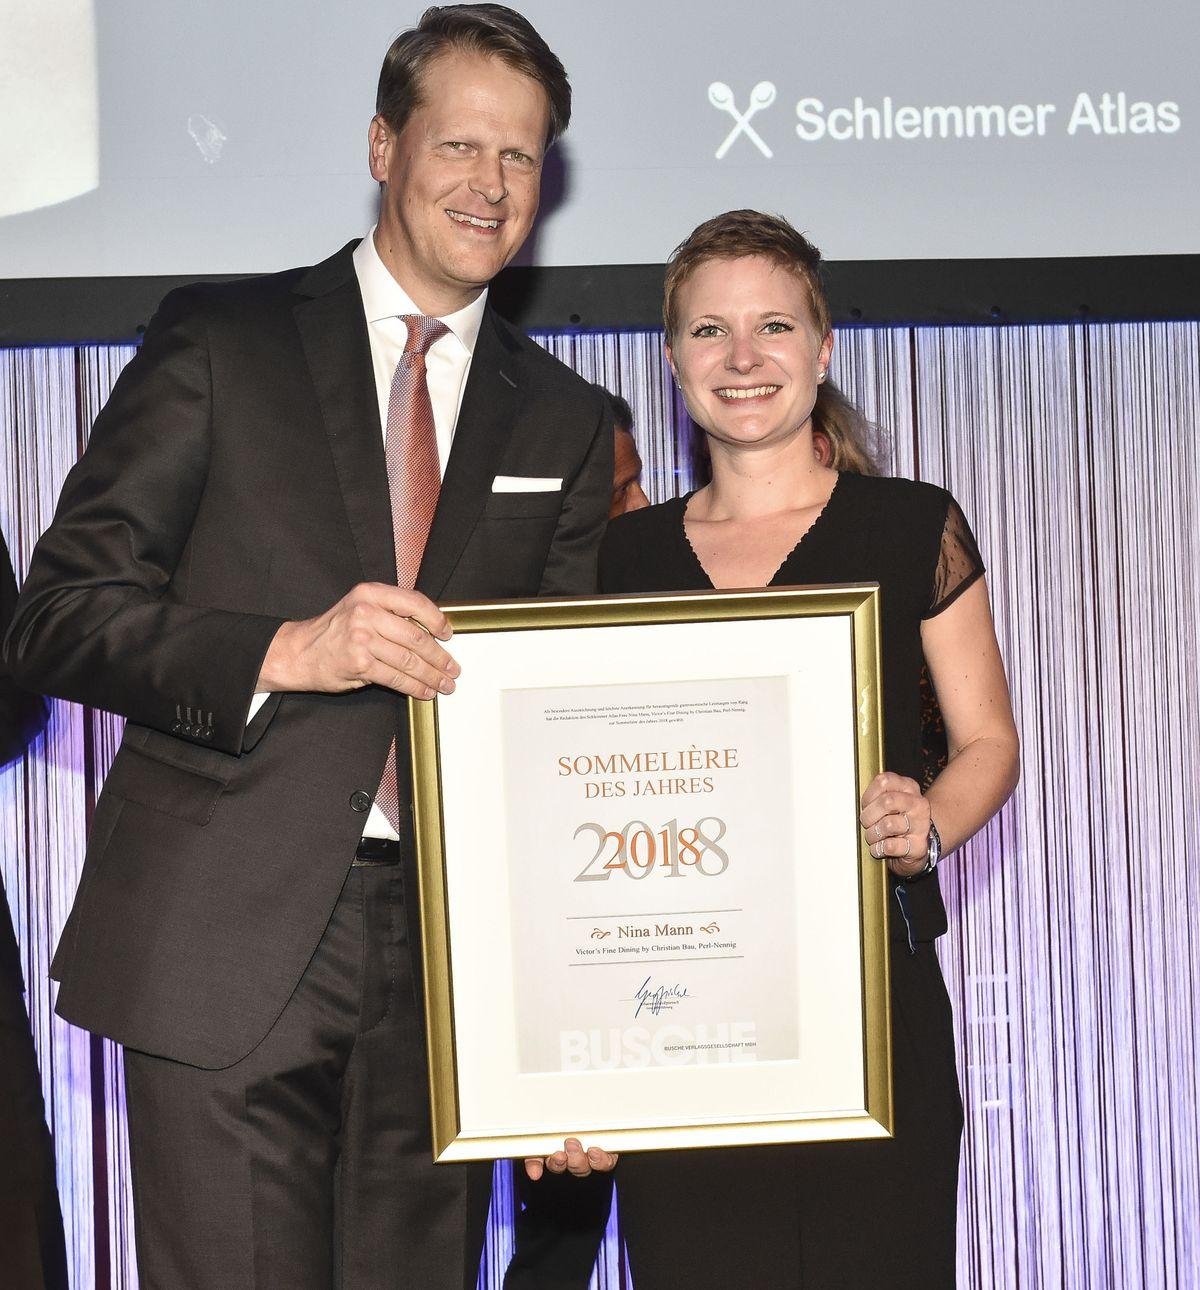 Johannes Großpietsch (Busche Verlagsgesellschaft), Nina Mann (Sommeliére des Jahres 2018)